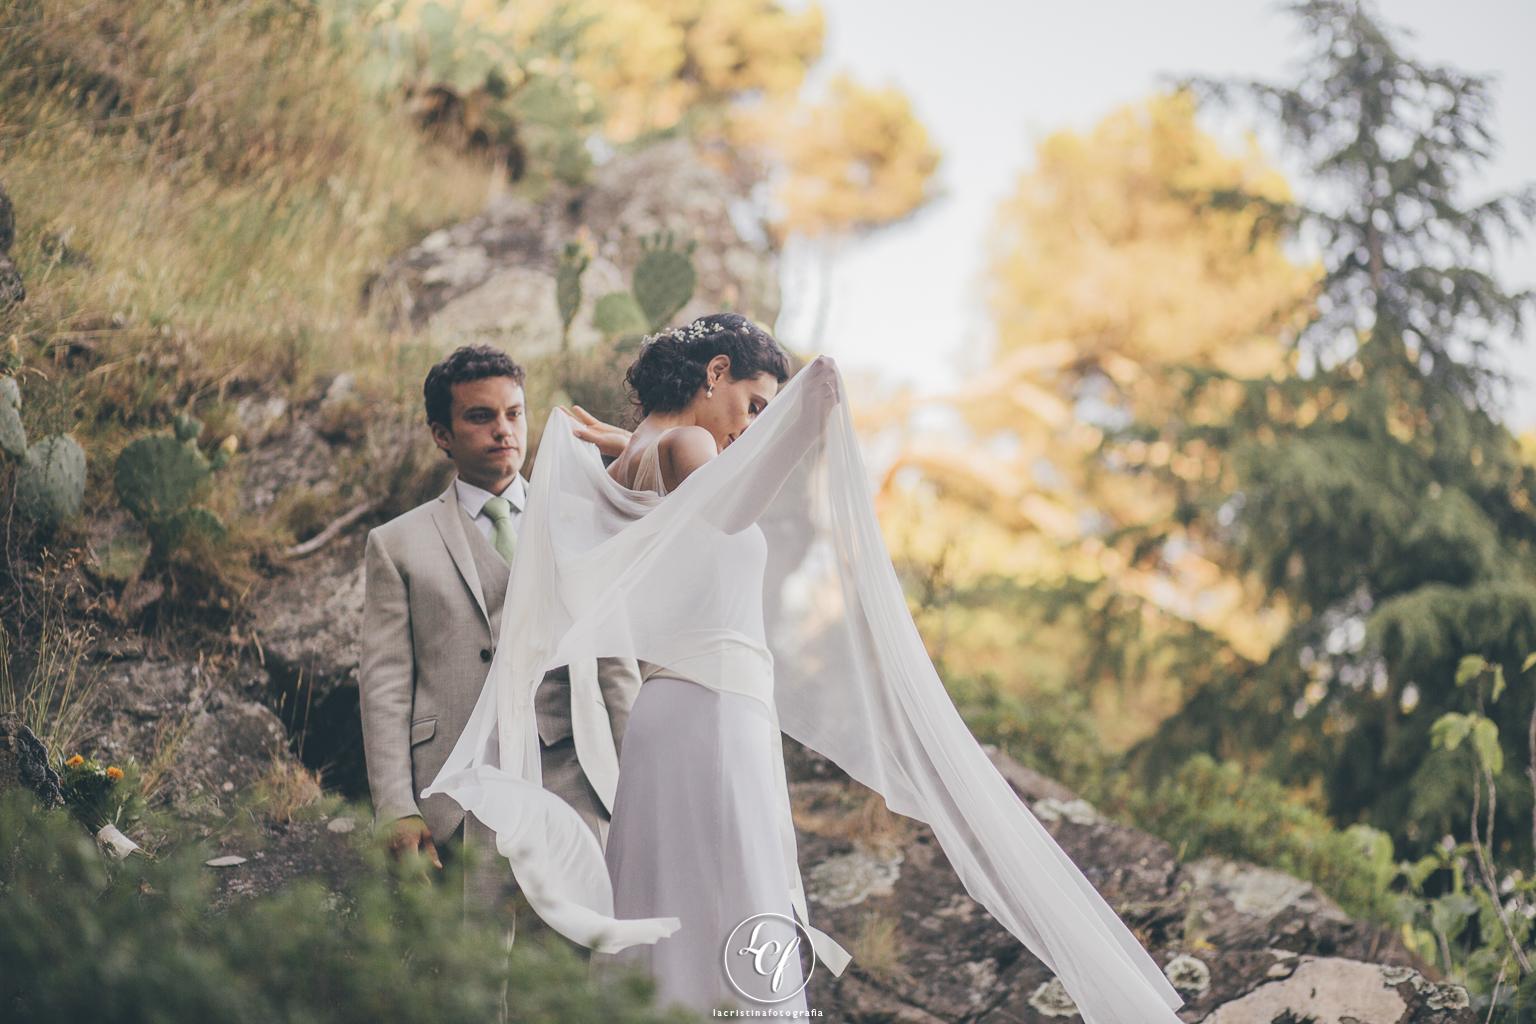 fotografo de boda vintage :: fotografía boda barcelona :: espai sol y vida :: espacio sol y vida :: boda swing :: natalie capell